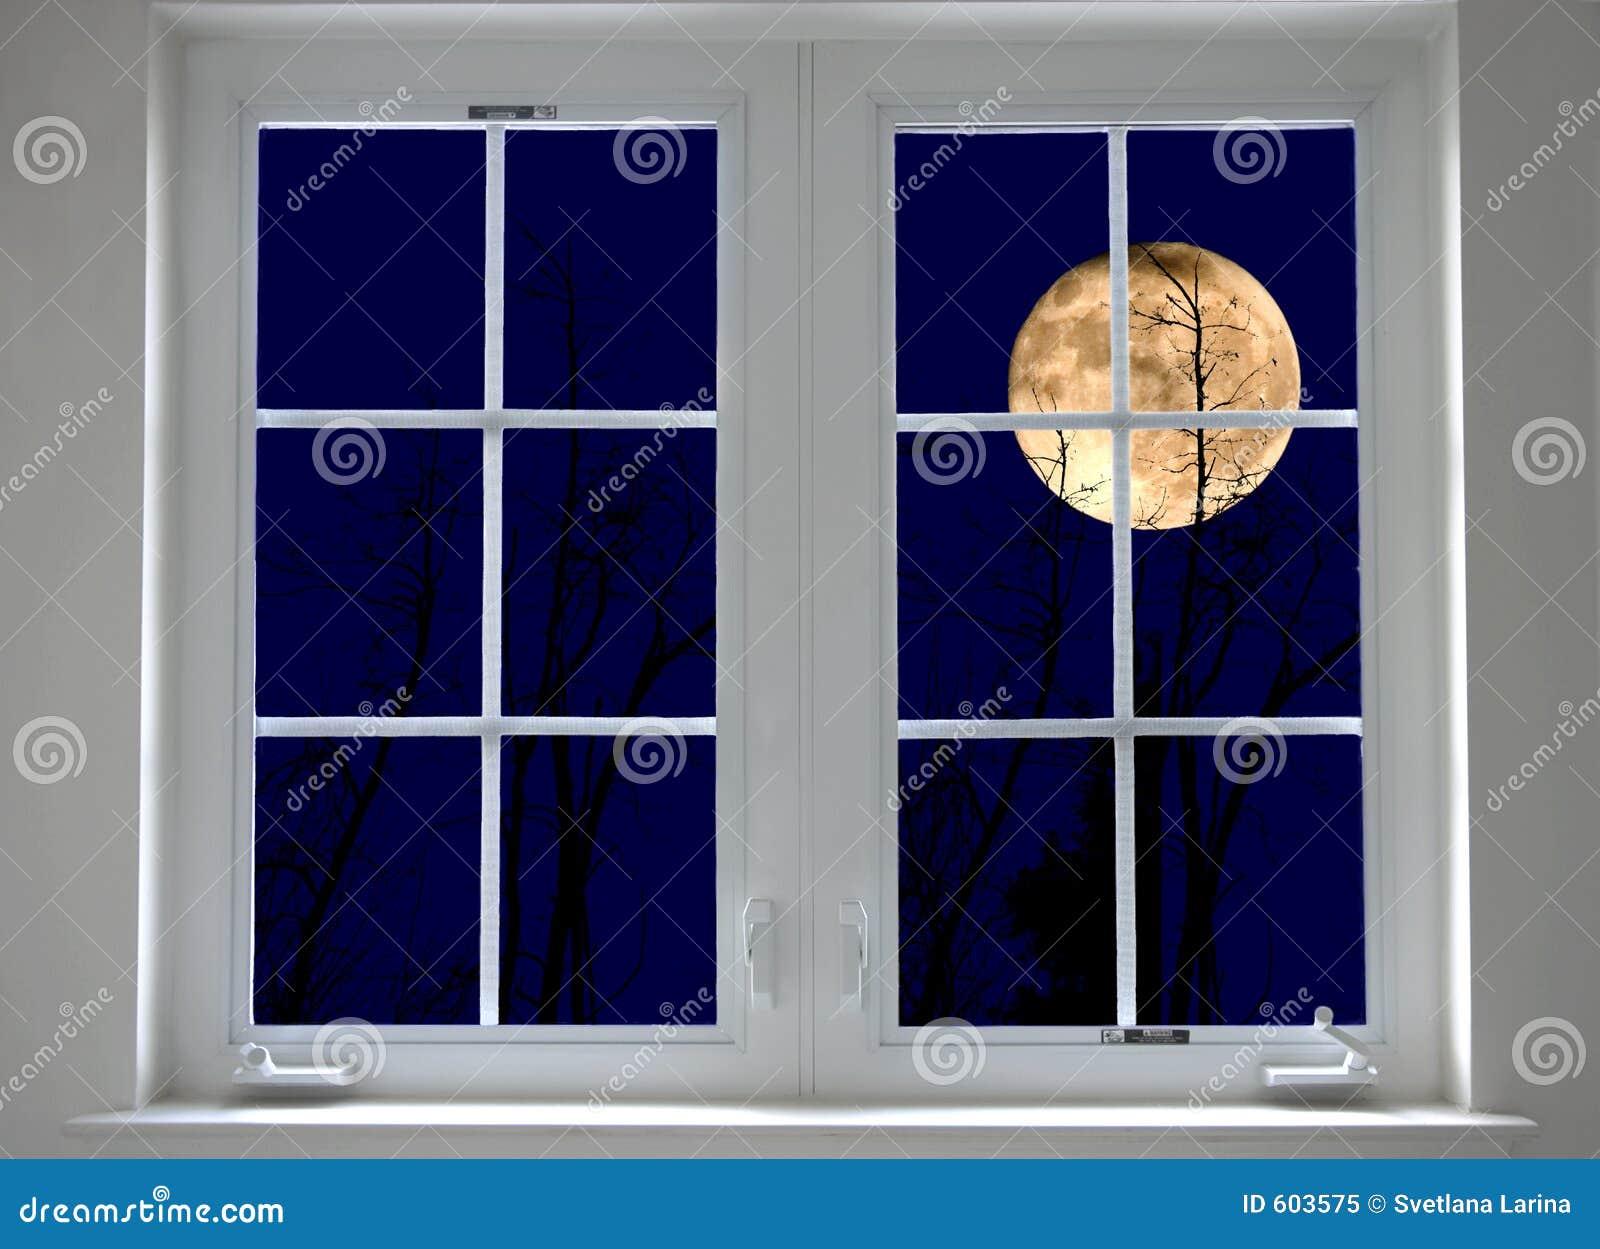 Het venster van de nacht